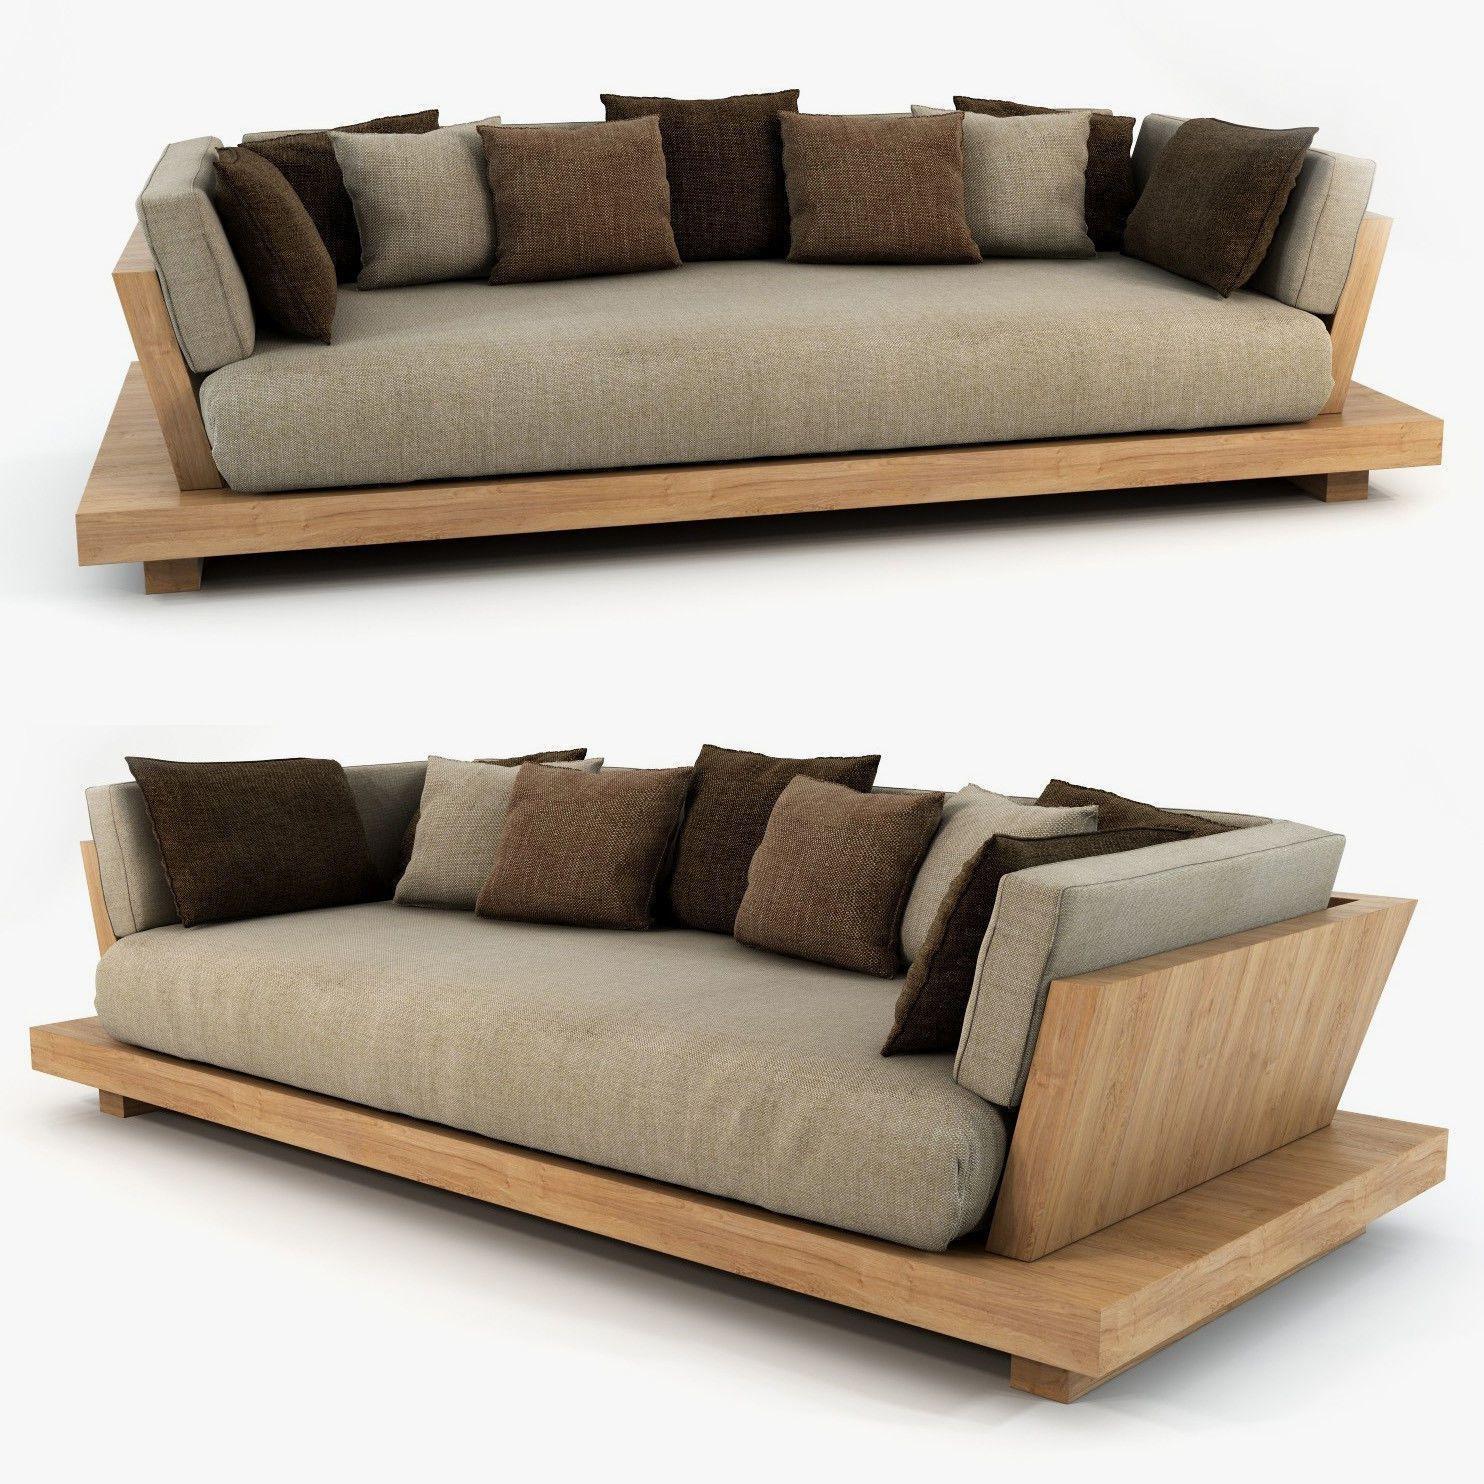 bonetti kozerski studio - lounge sofa 3d model max obj fbx ...